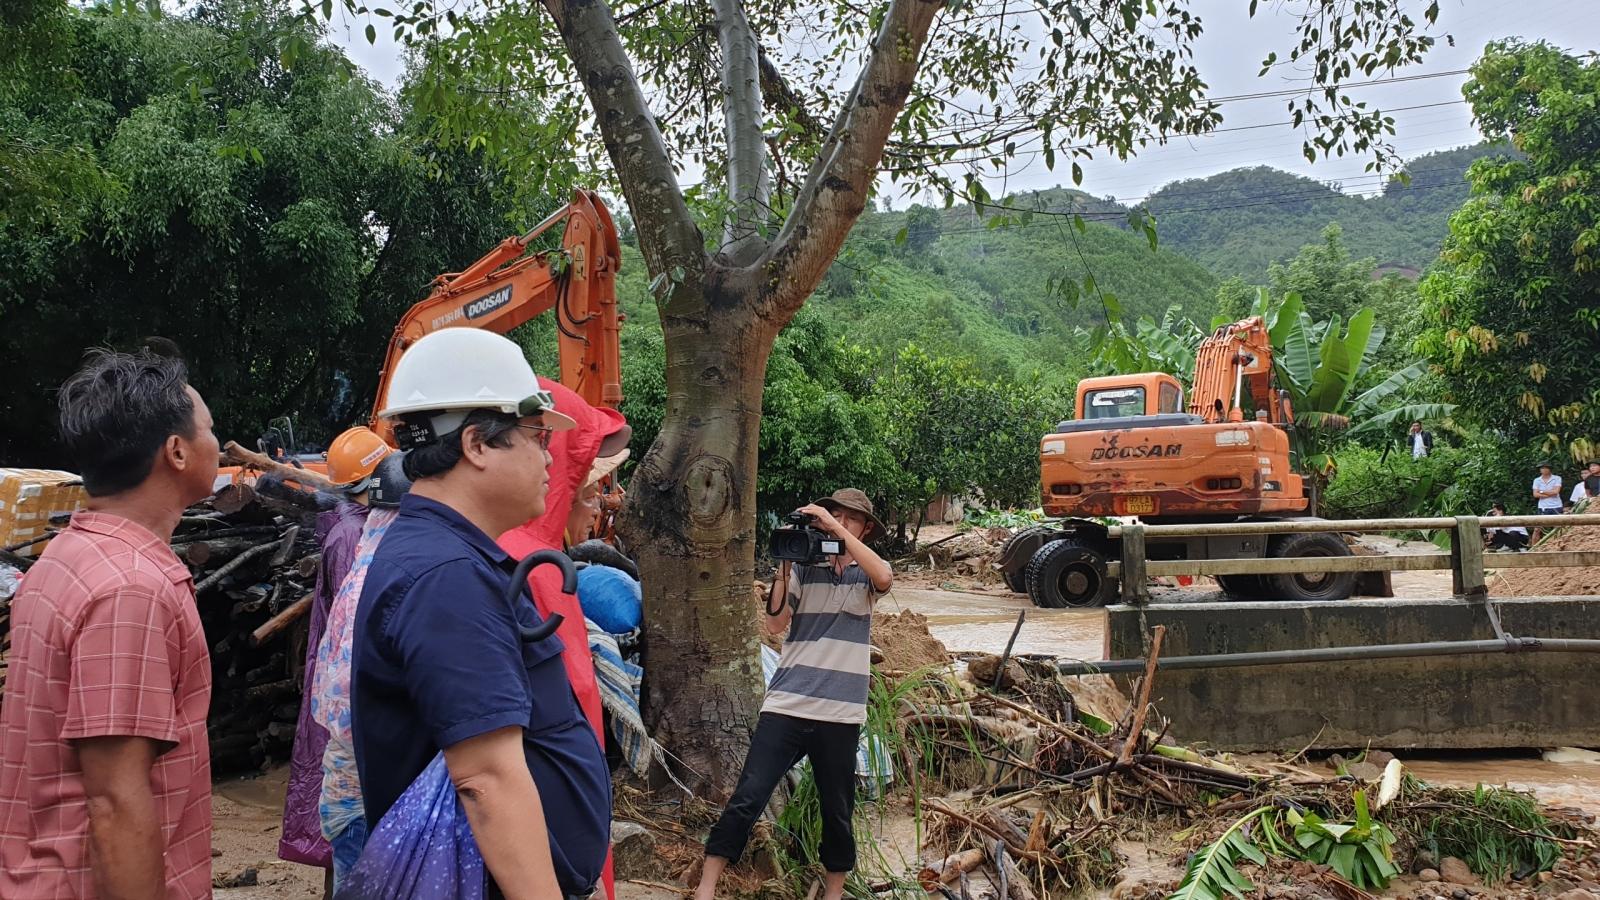 Quảng Nam: Mưa lũ khiến nhiều tuyến đường bị ách tắc, 7 con bò bị sét đánh